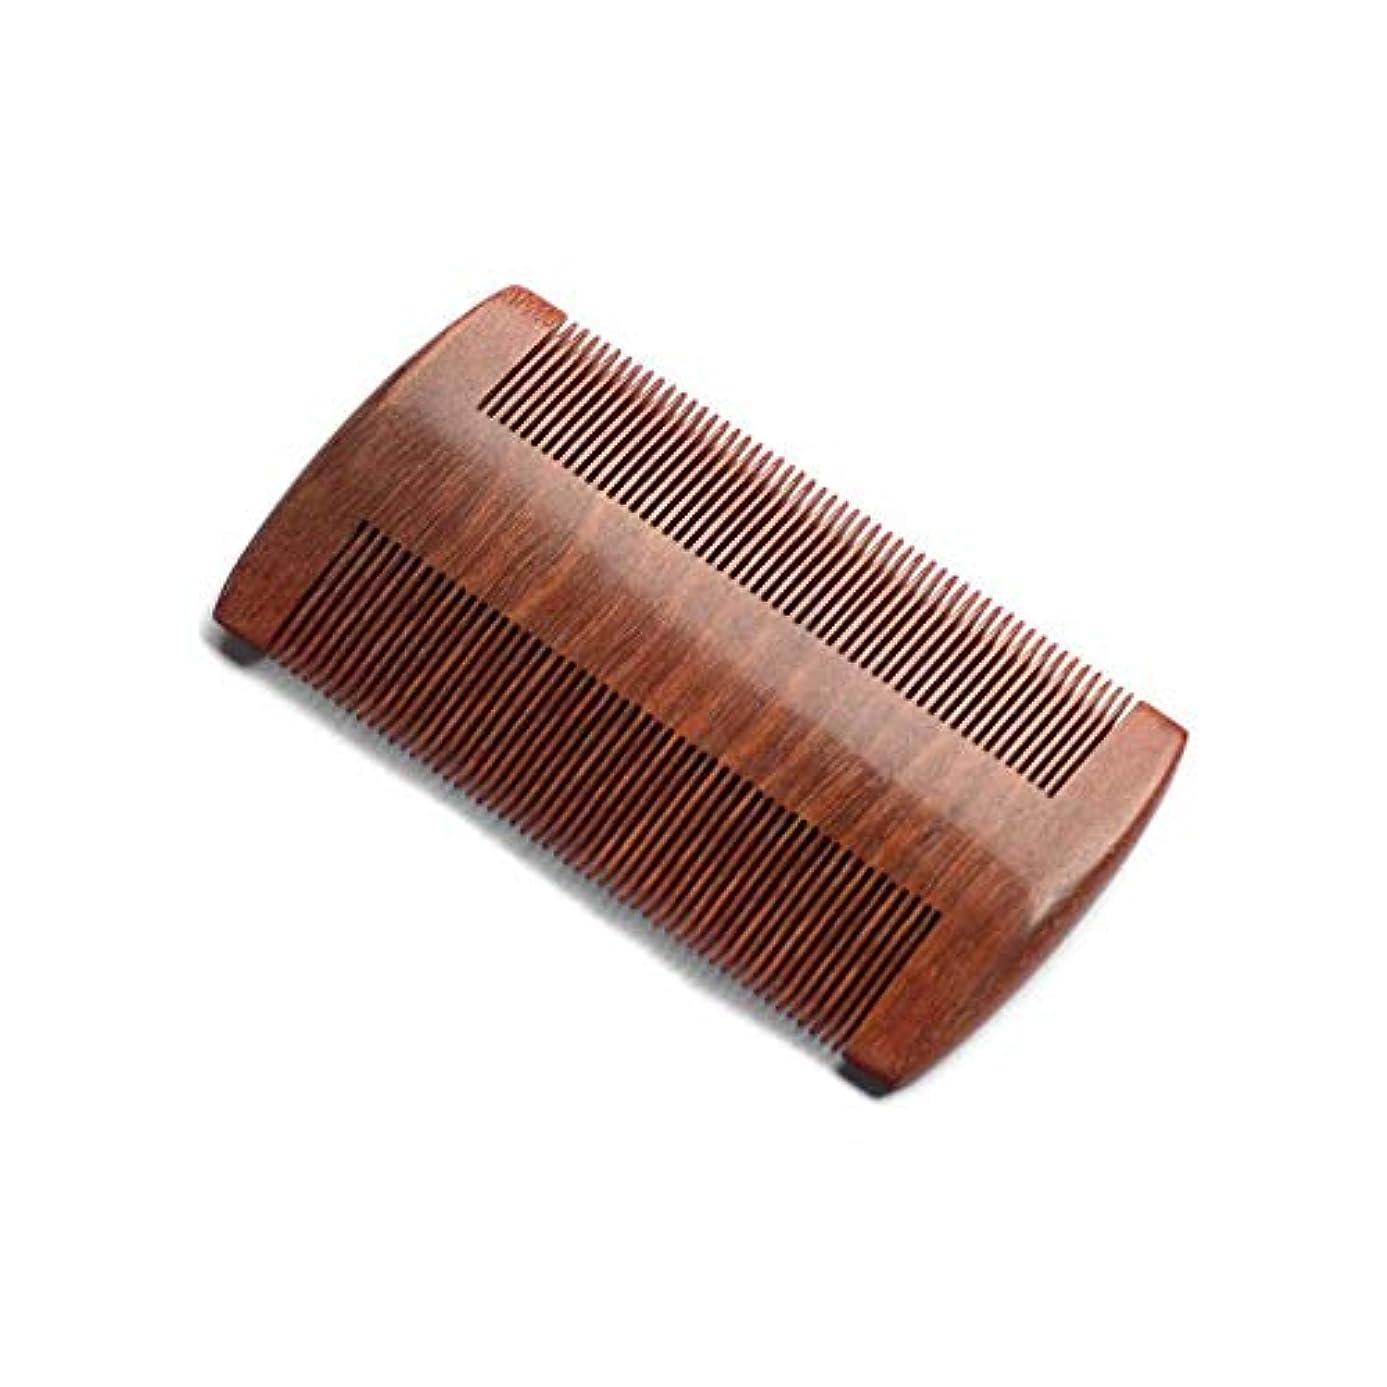 ダースサバント誰かZYDP 細かいコンパクトな歯赤白檀の髪の櫛手作りの櫛帯電防止髪の櫛